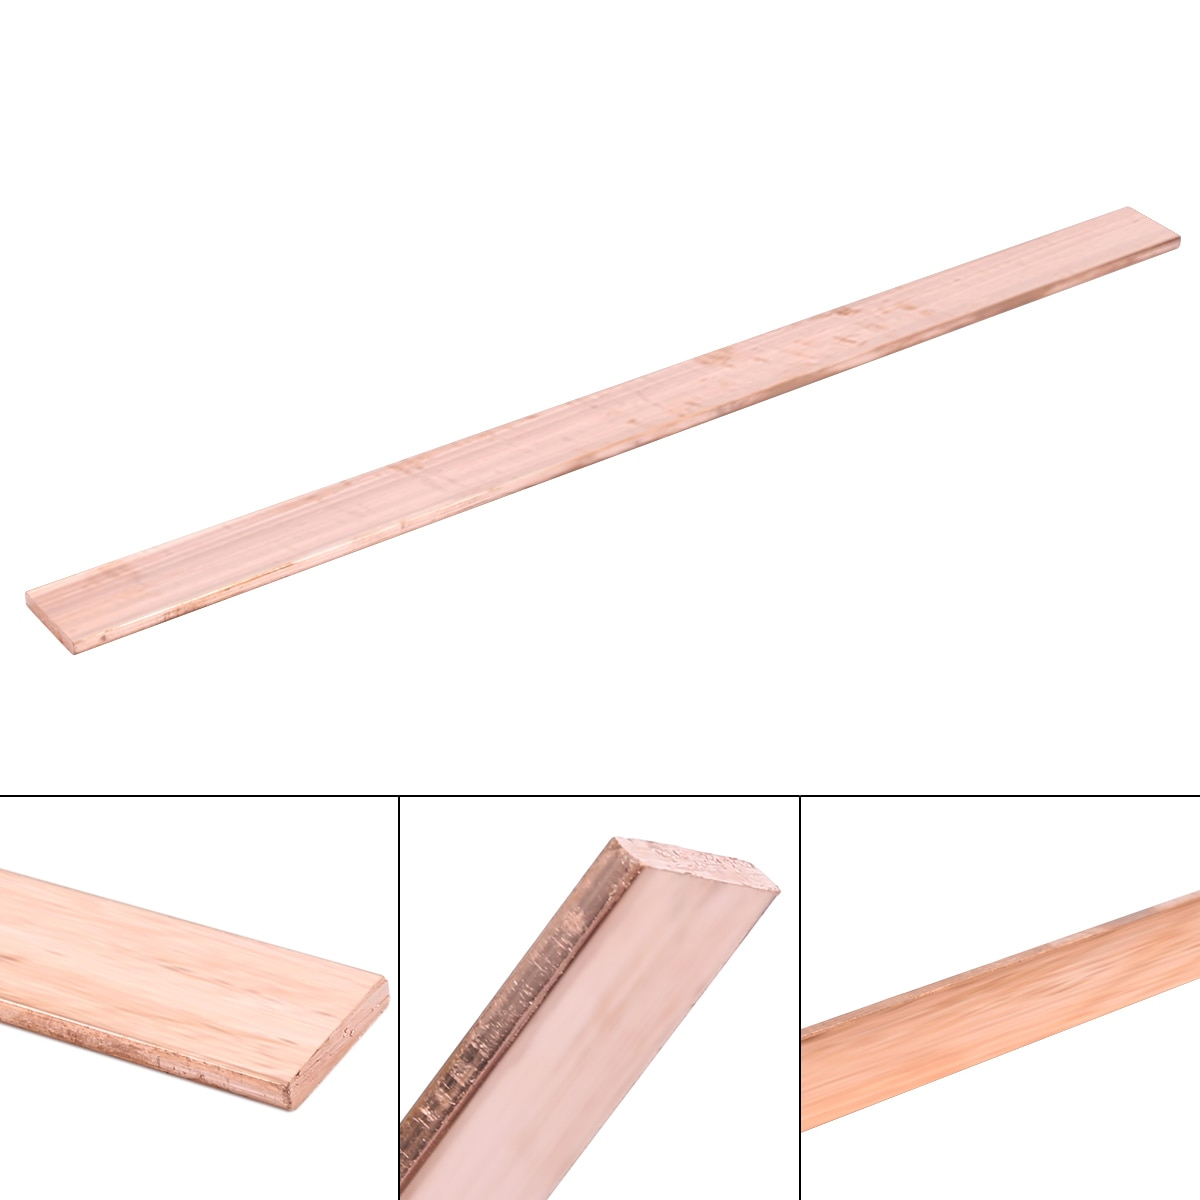 1pc 3mm Dikte Koperen Strip 99.6% Pure Metalen Plaat T2 Paars Cu Platte Bar 15*250mm industrie DIY Plaat voor CNC